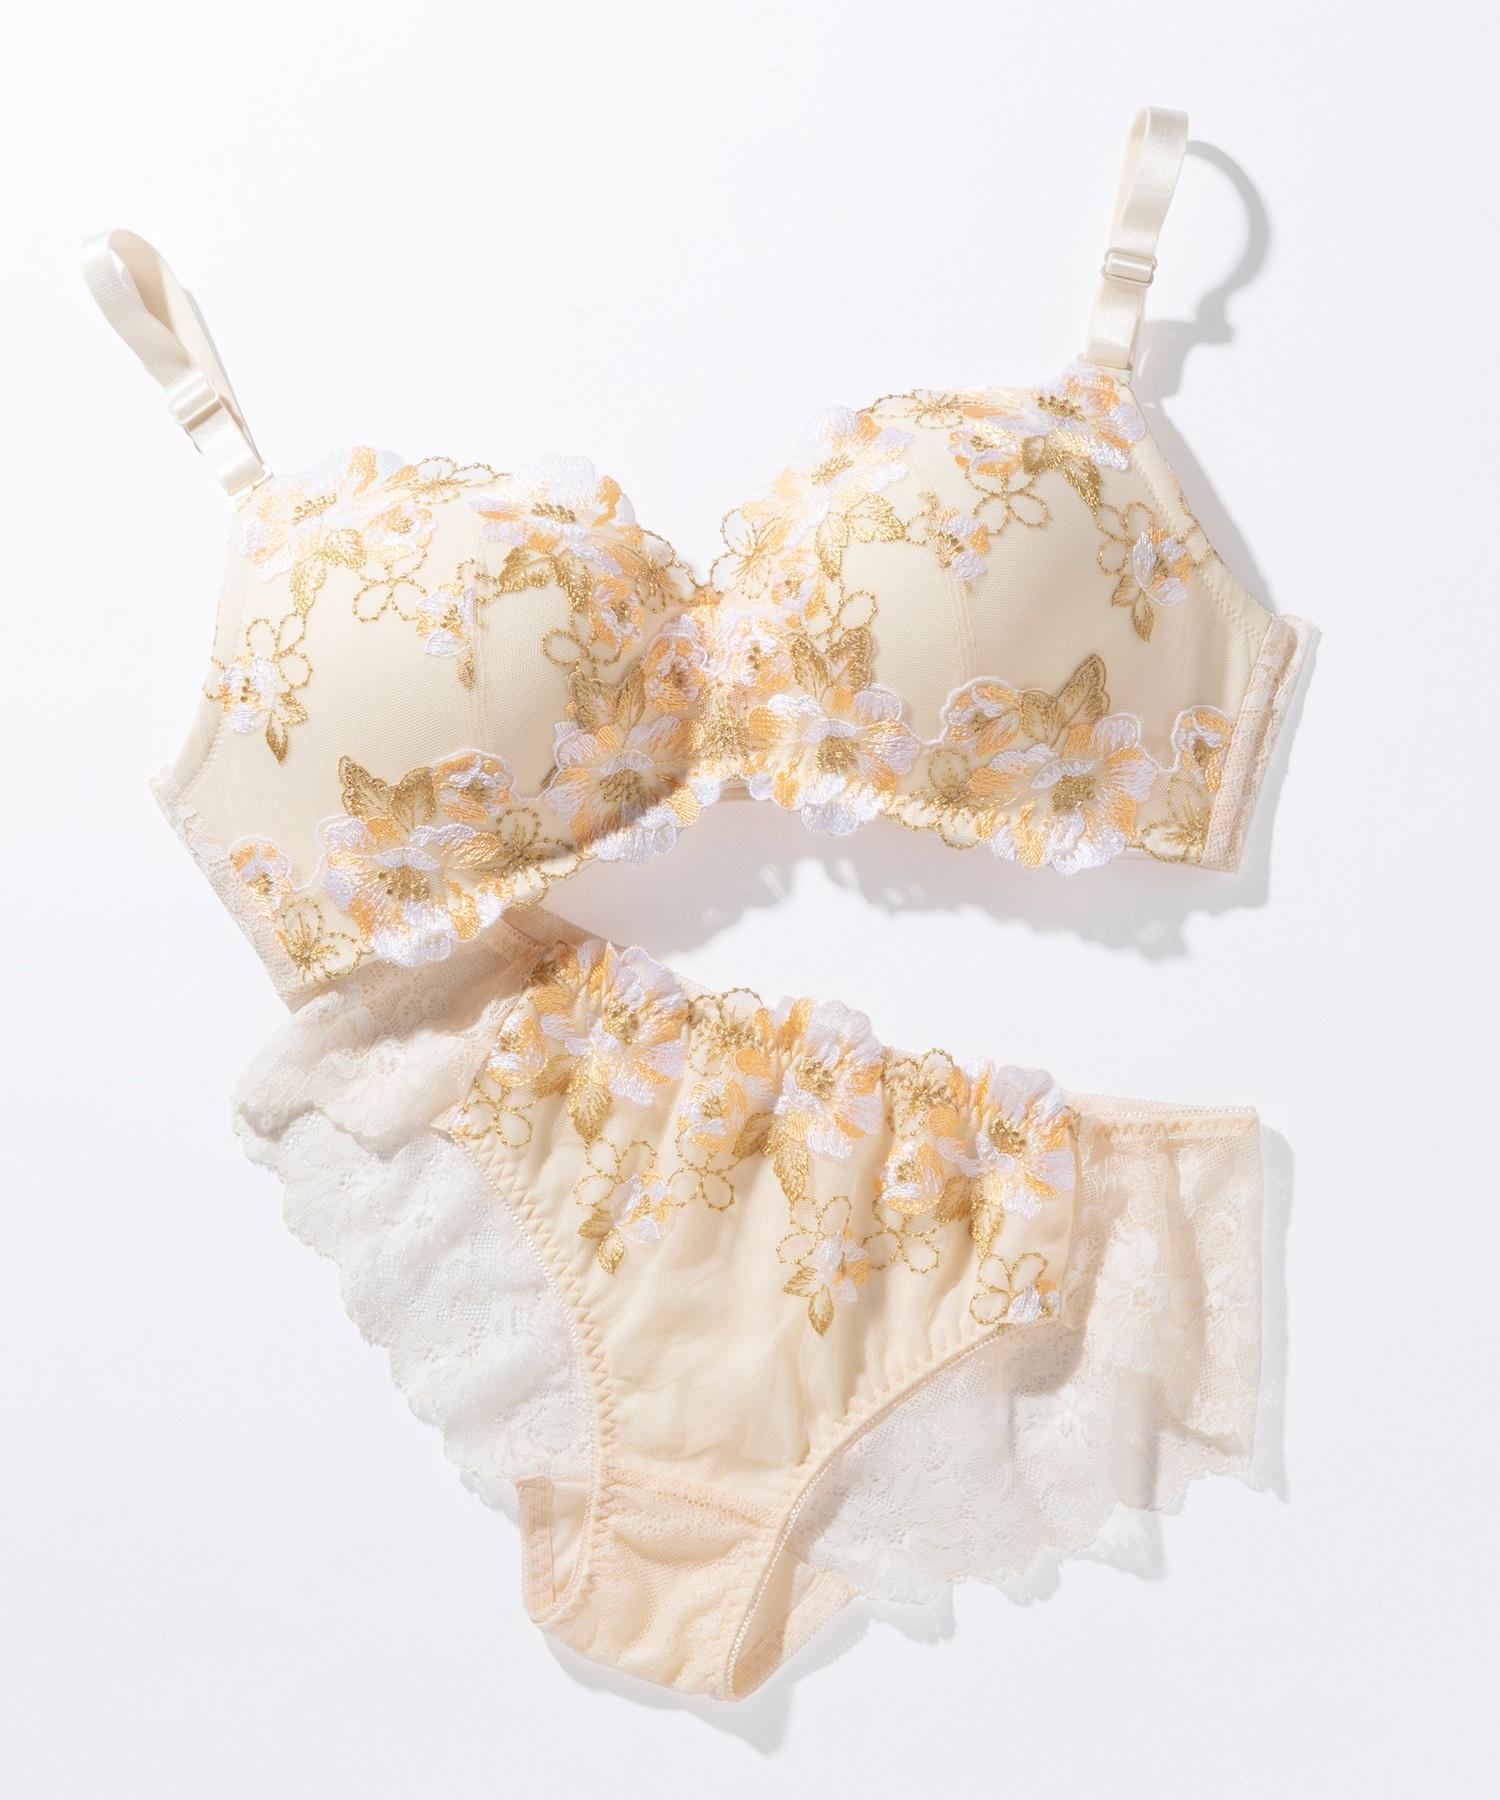 胸が大きな女性向けファッションブランド『HEART CLOSET』が胸が大きい女性のためのノンワイヤ... 画像